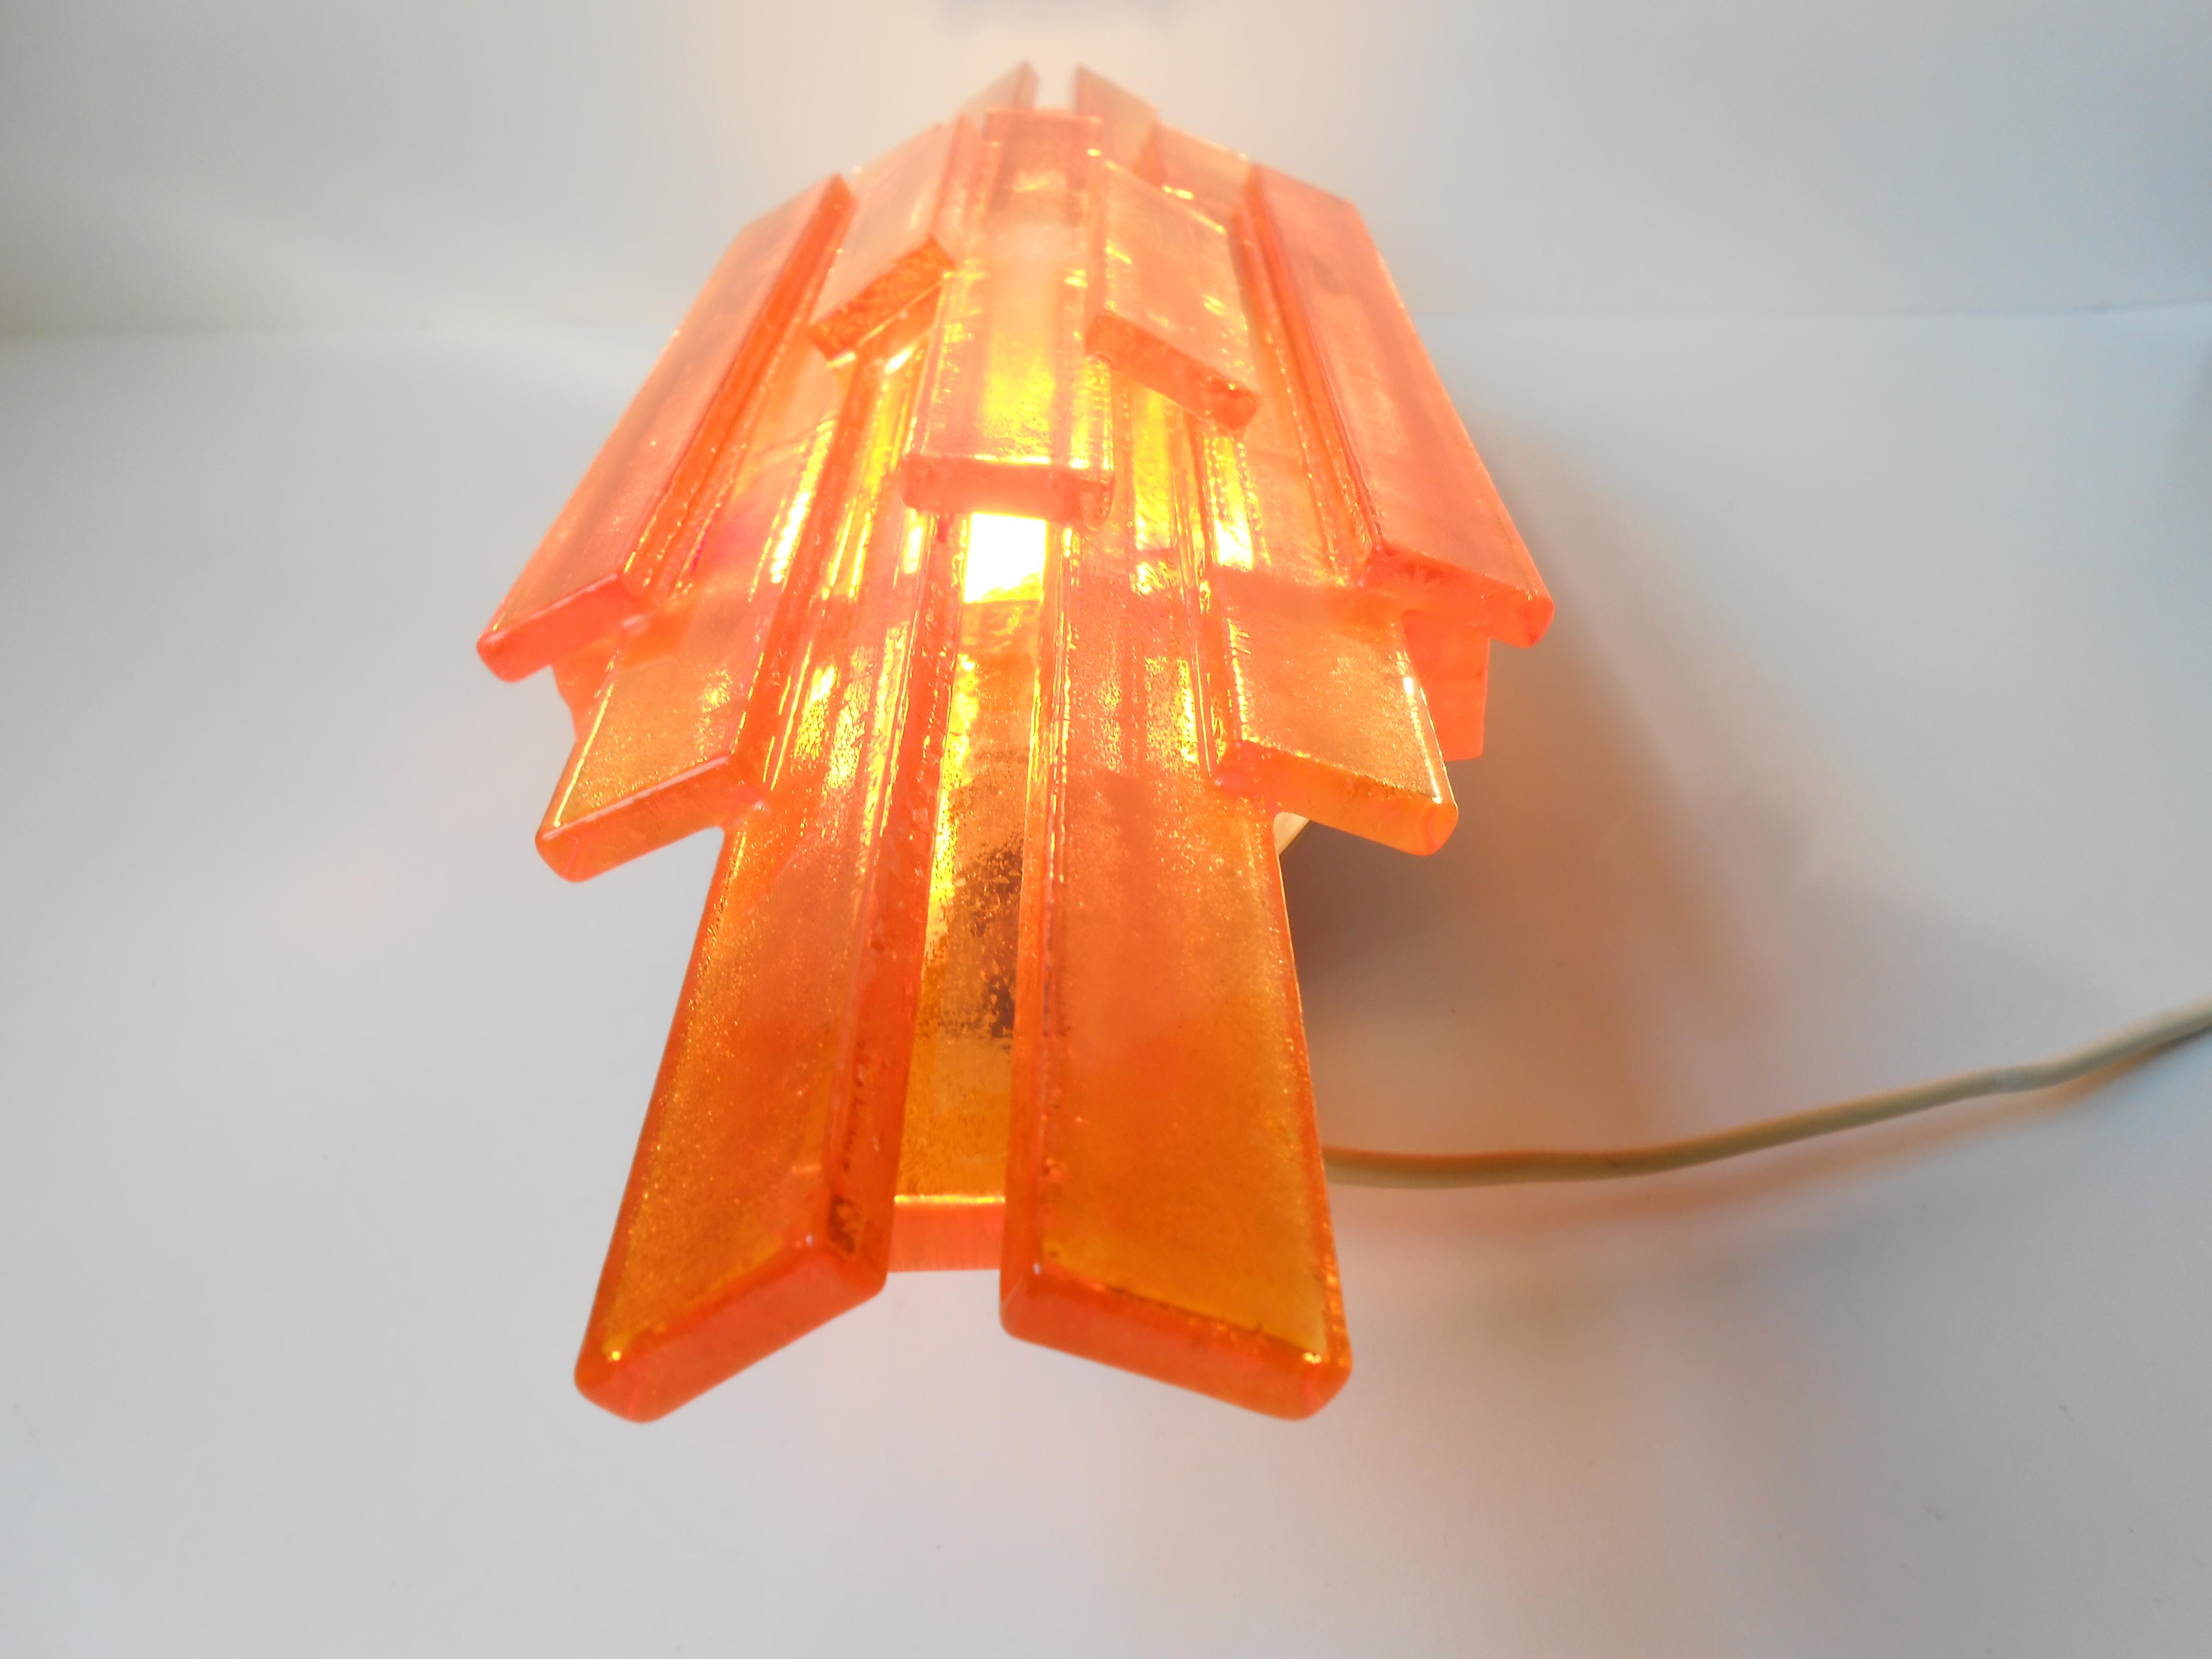 Claus Bolby orange v u00e6glampe dansk design 1970 u2019erne u2013 retro design dk